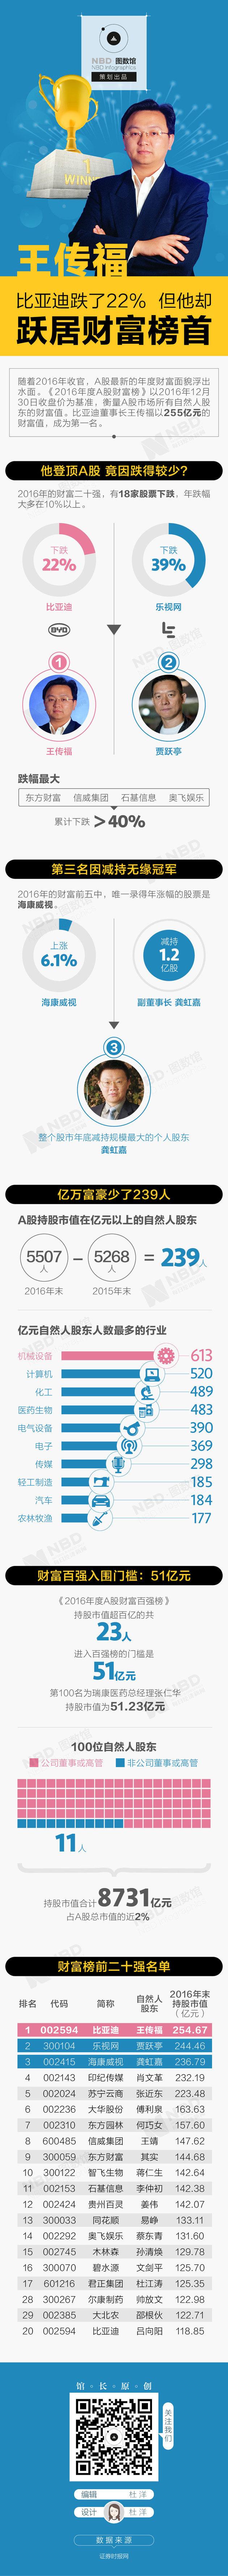 王传福:比亚迪跌了22% 但他却跃居财富榜首